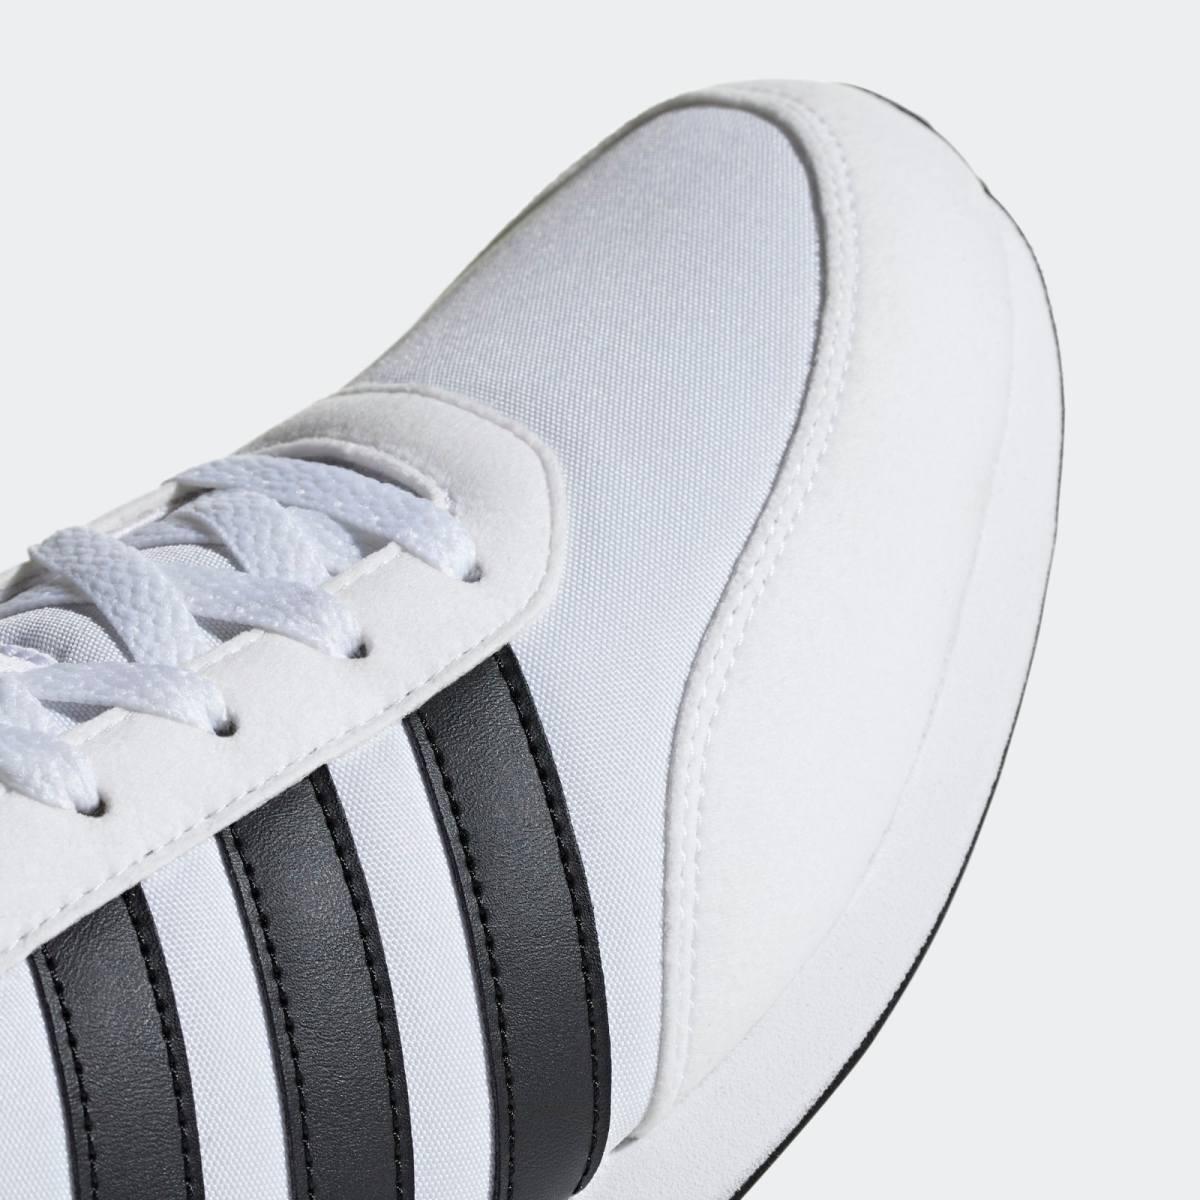 V_Racer_2.0_Shoes_White_B75796_43_detail